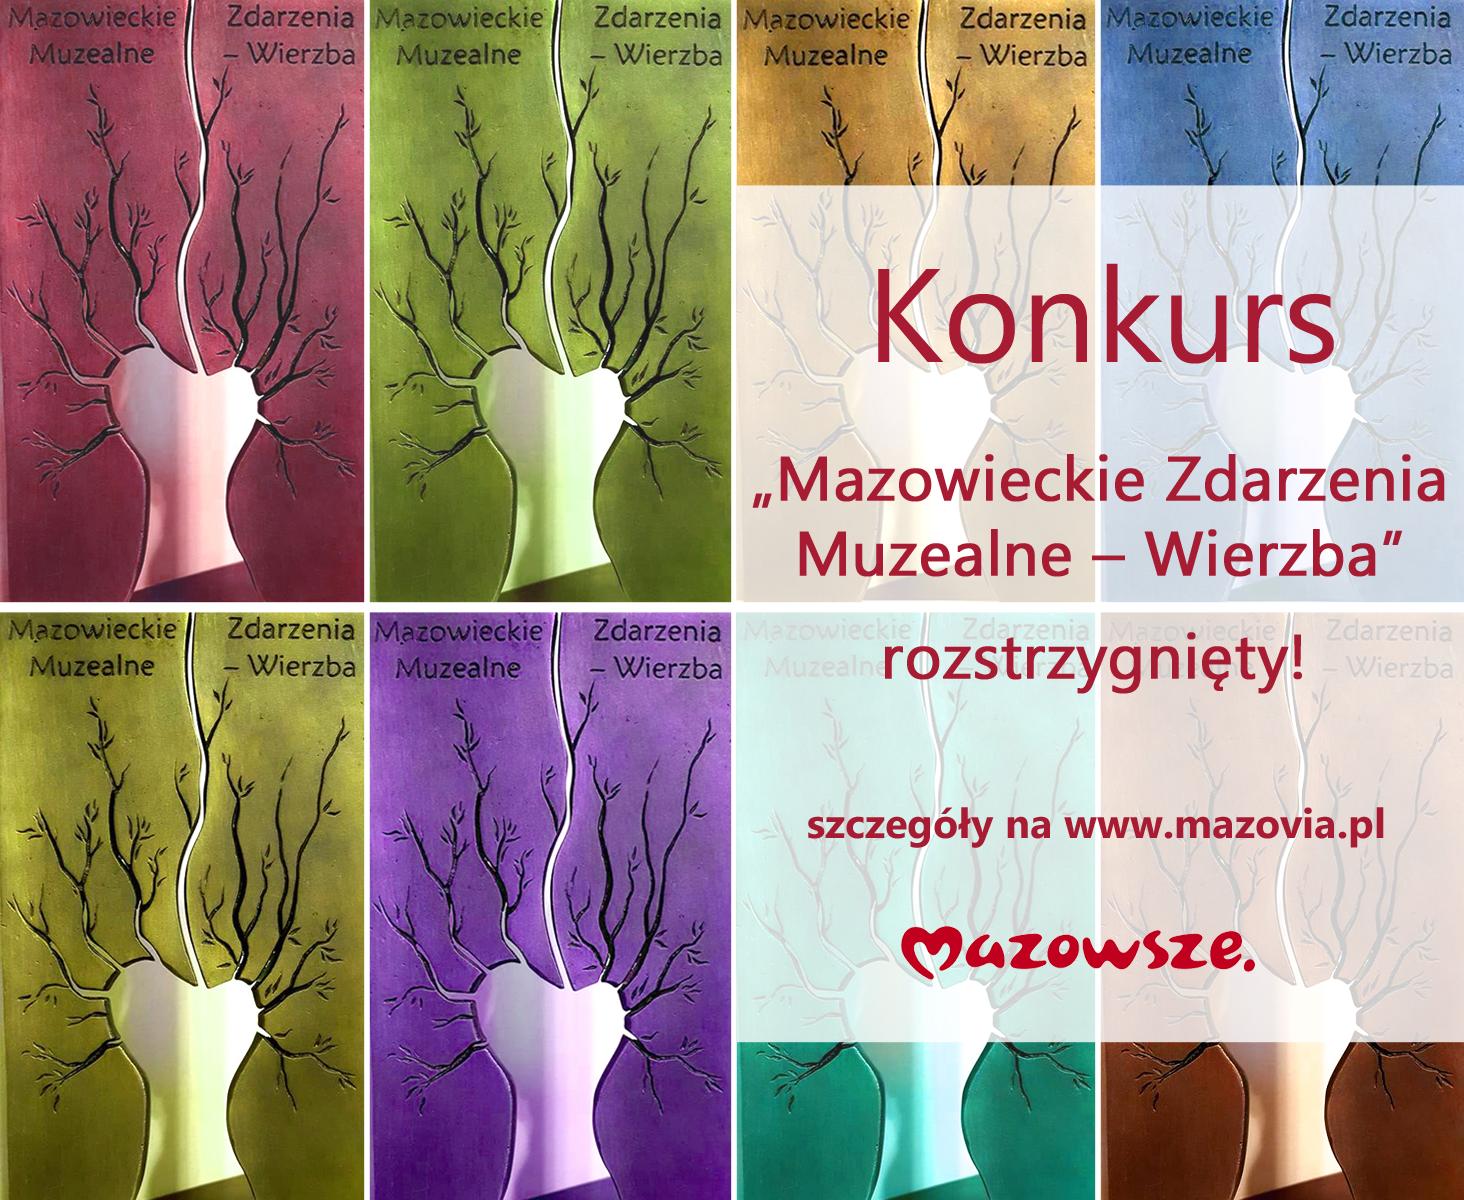 Wierzba 2016: Muzeum Warszawy iMuzeum Warszawskiej Pragi nagrodzone